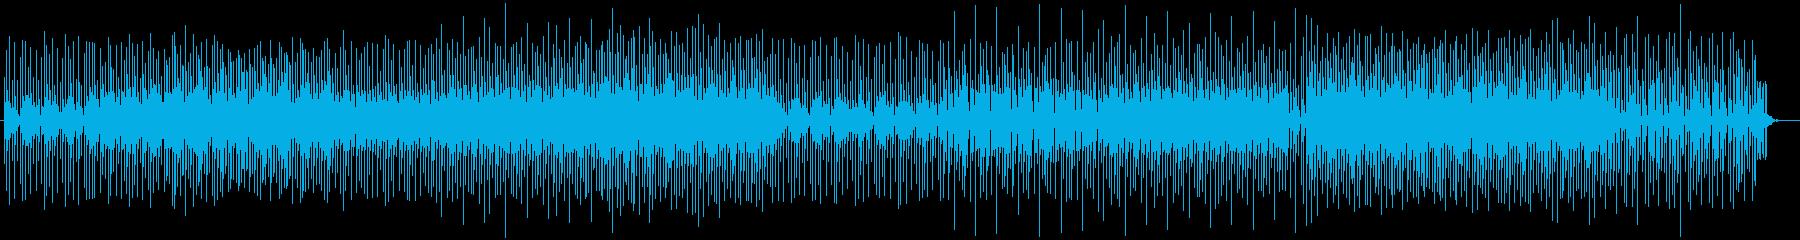 不気味なピアノとラッパが繰り返される曲の再生済みの波形